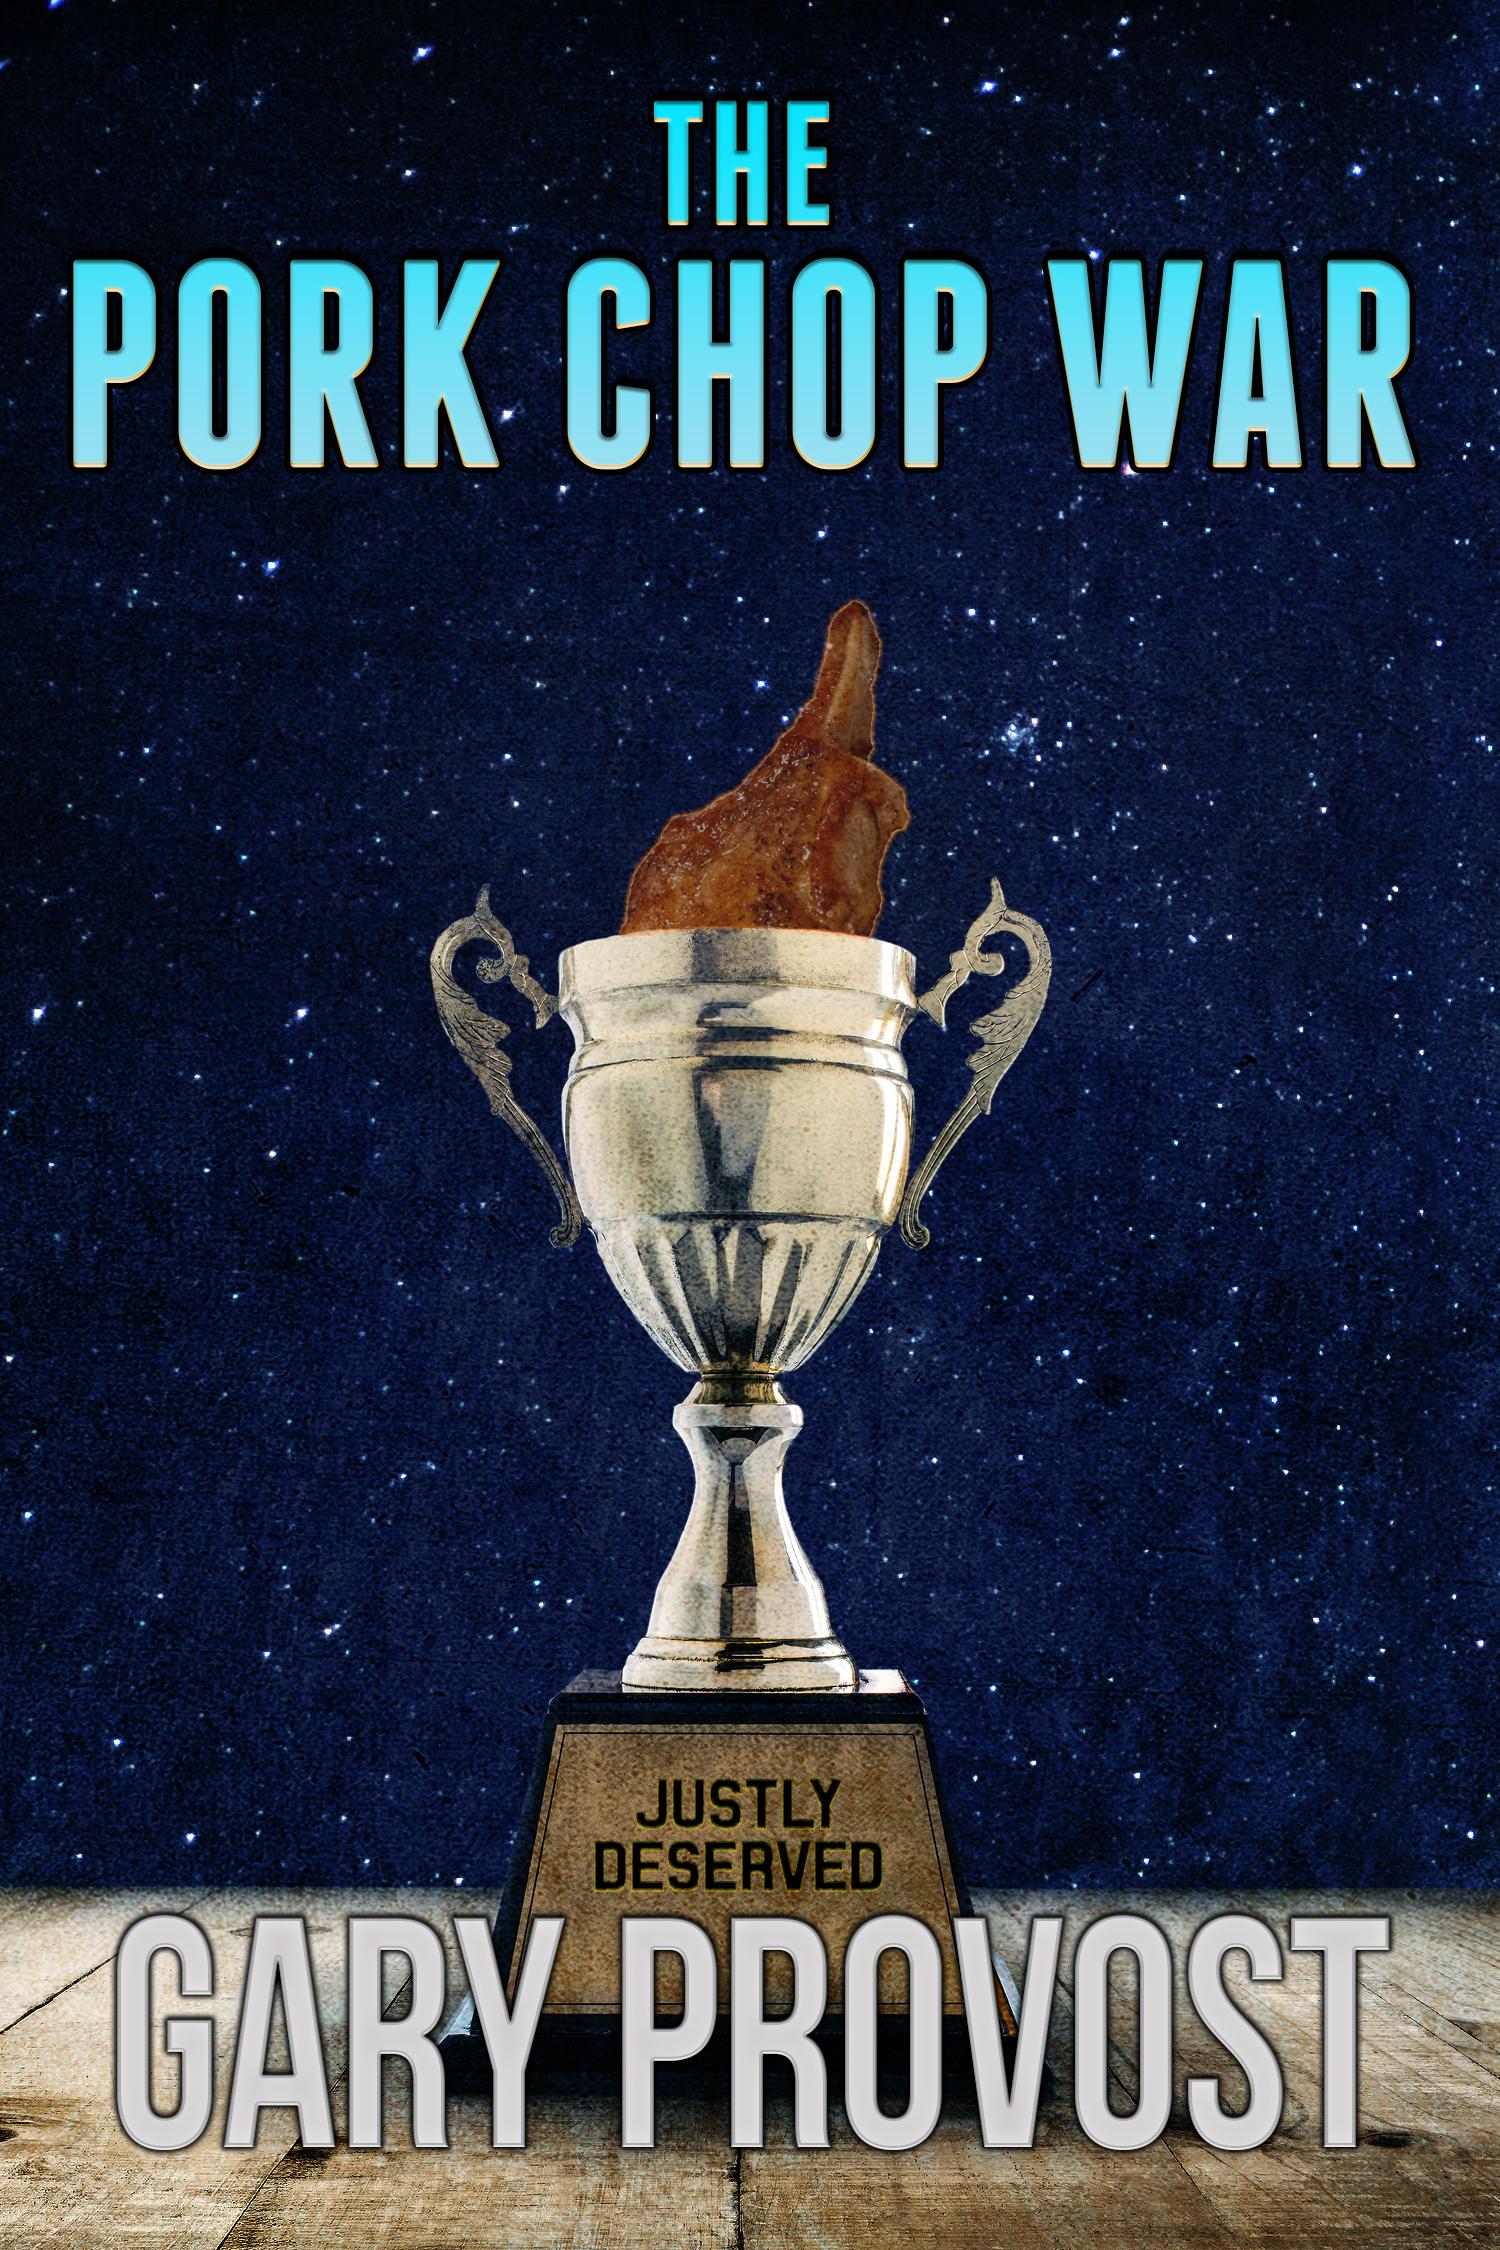 The Pork Chop War, an Ebook by Gary Provost